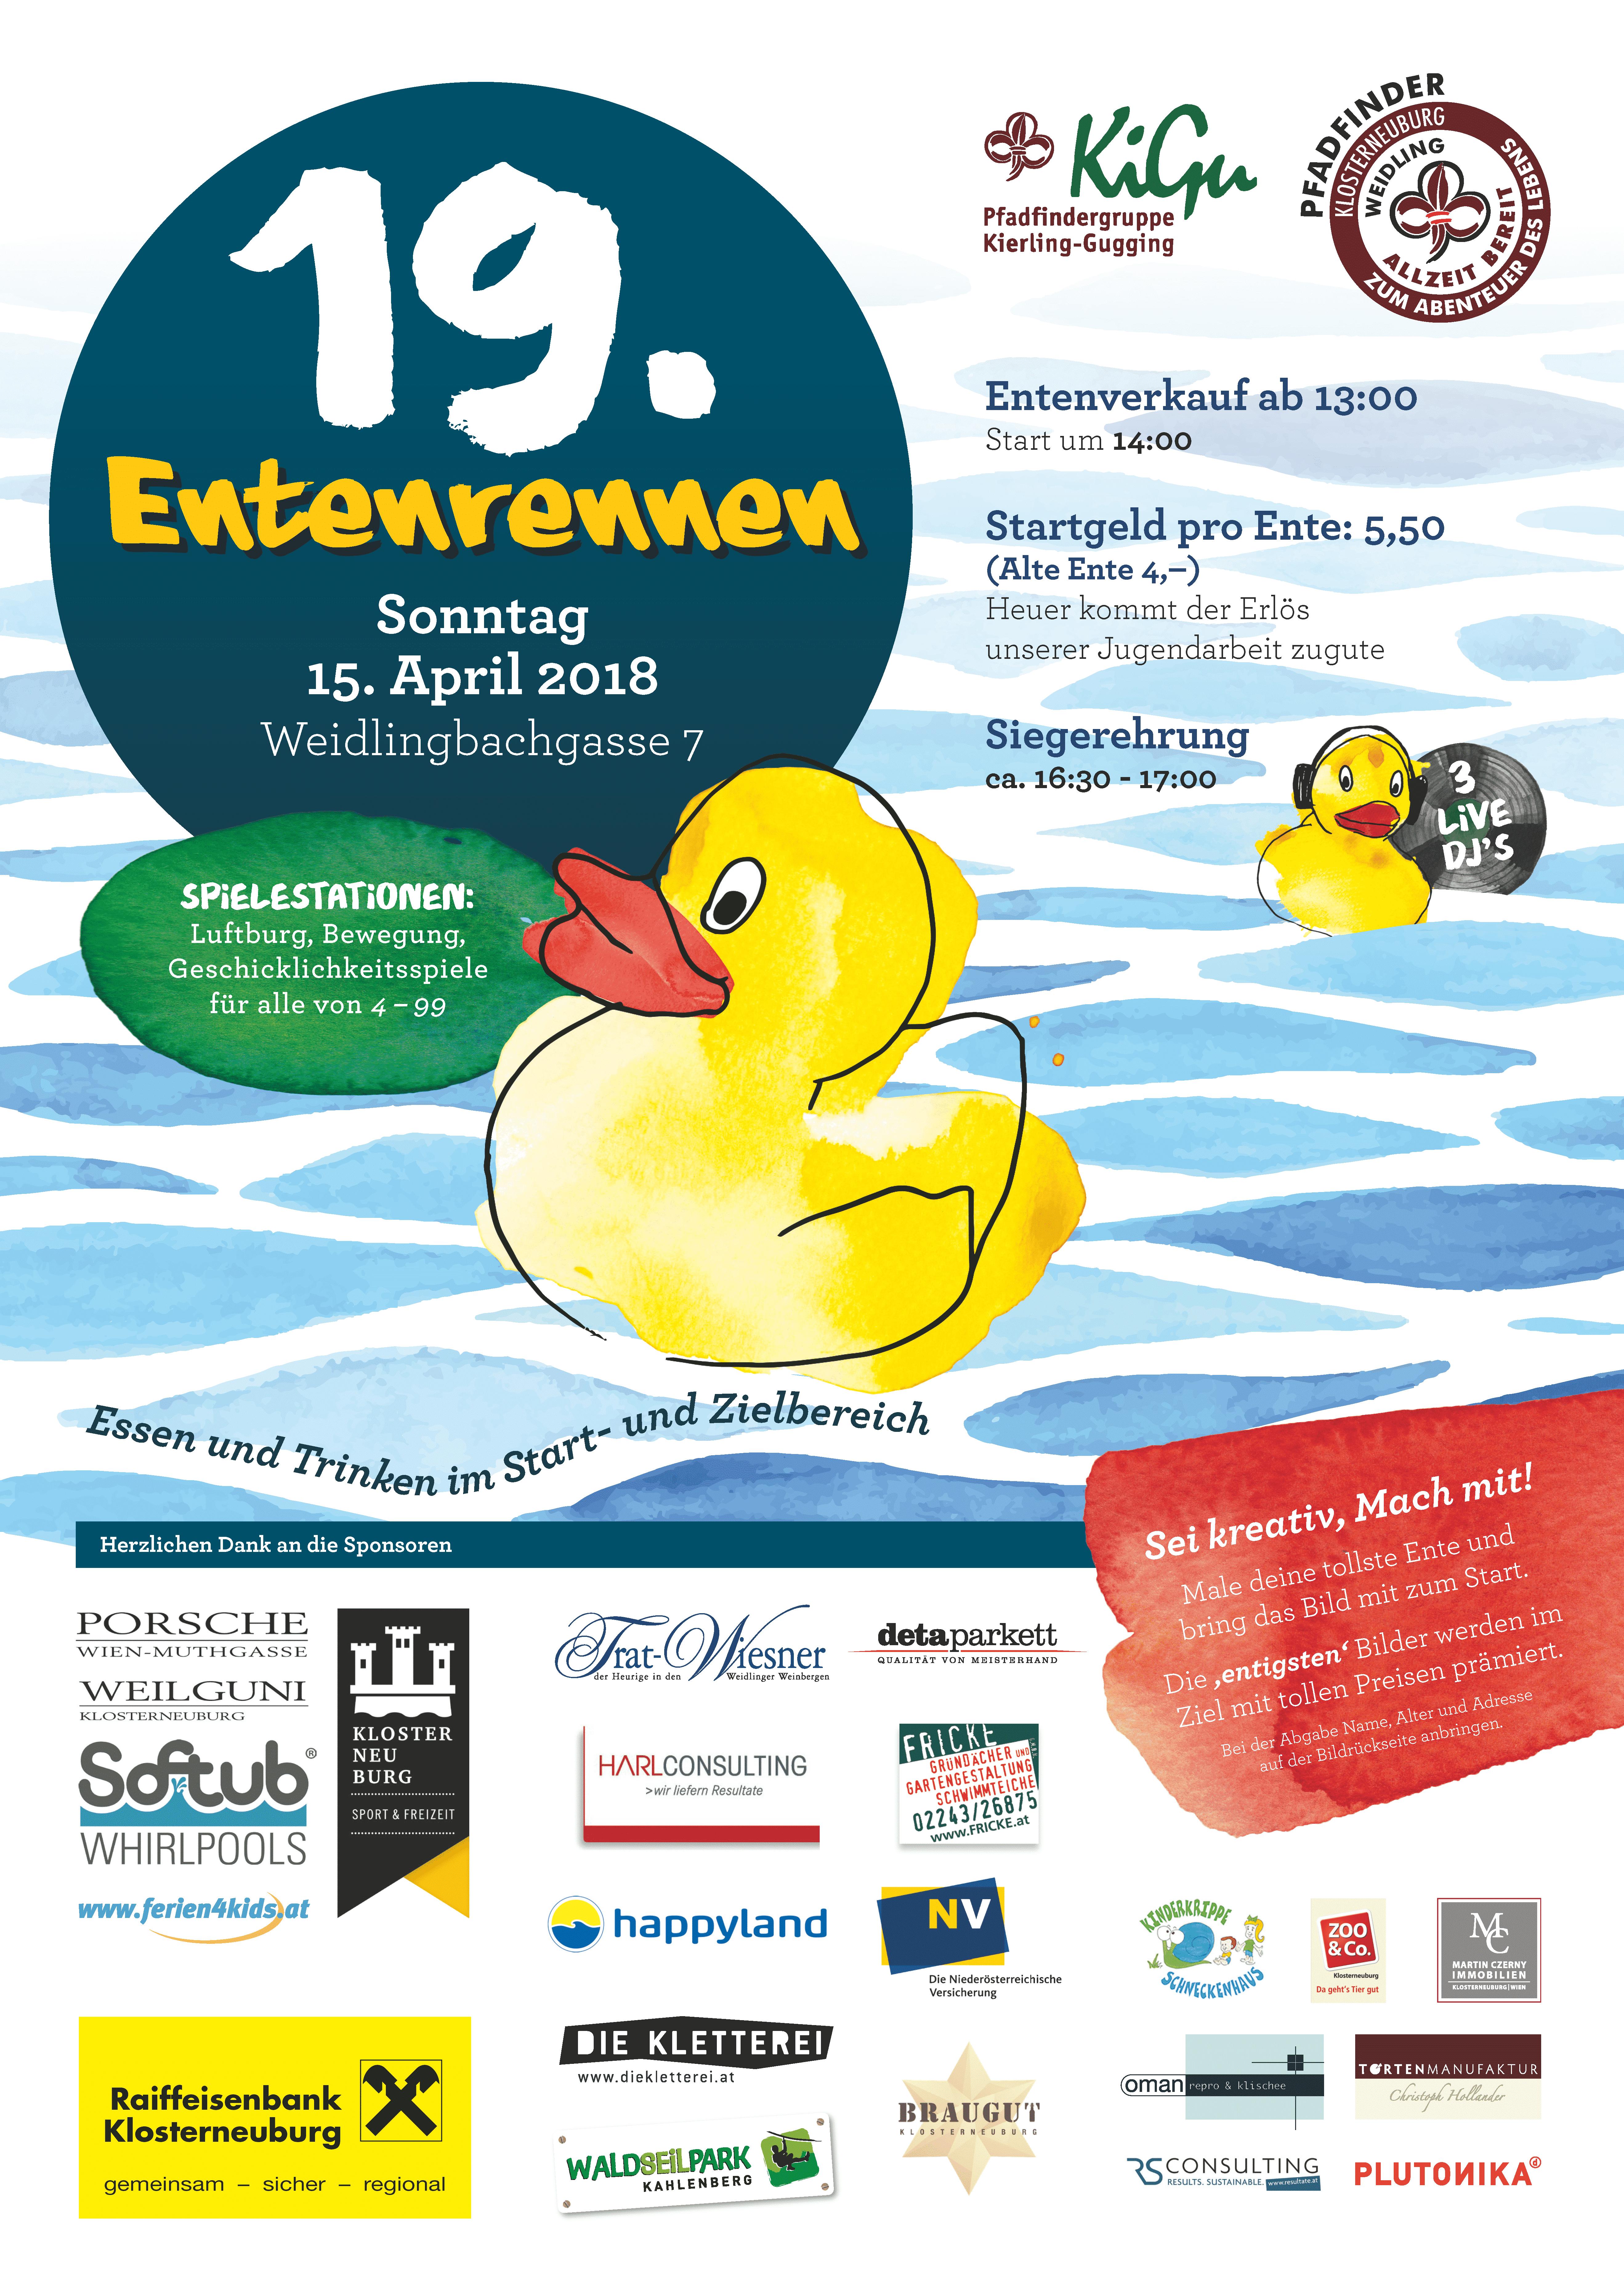 Plakat A3 Entenrennen 2018 01-02b RZ